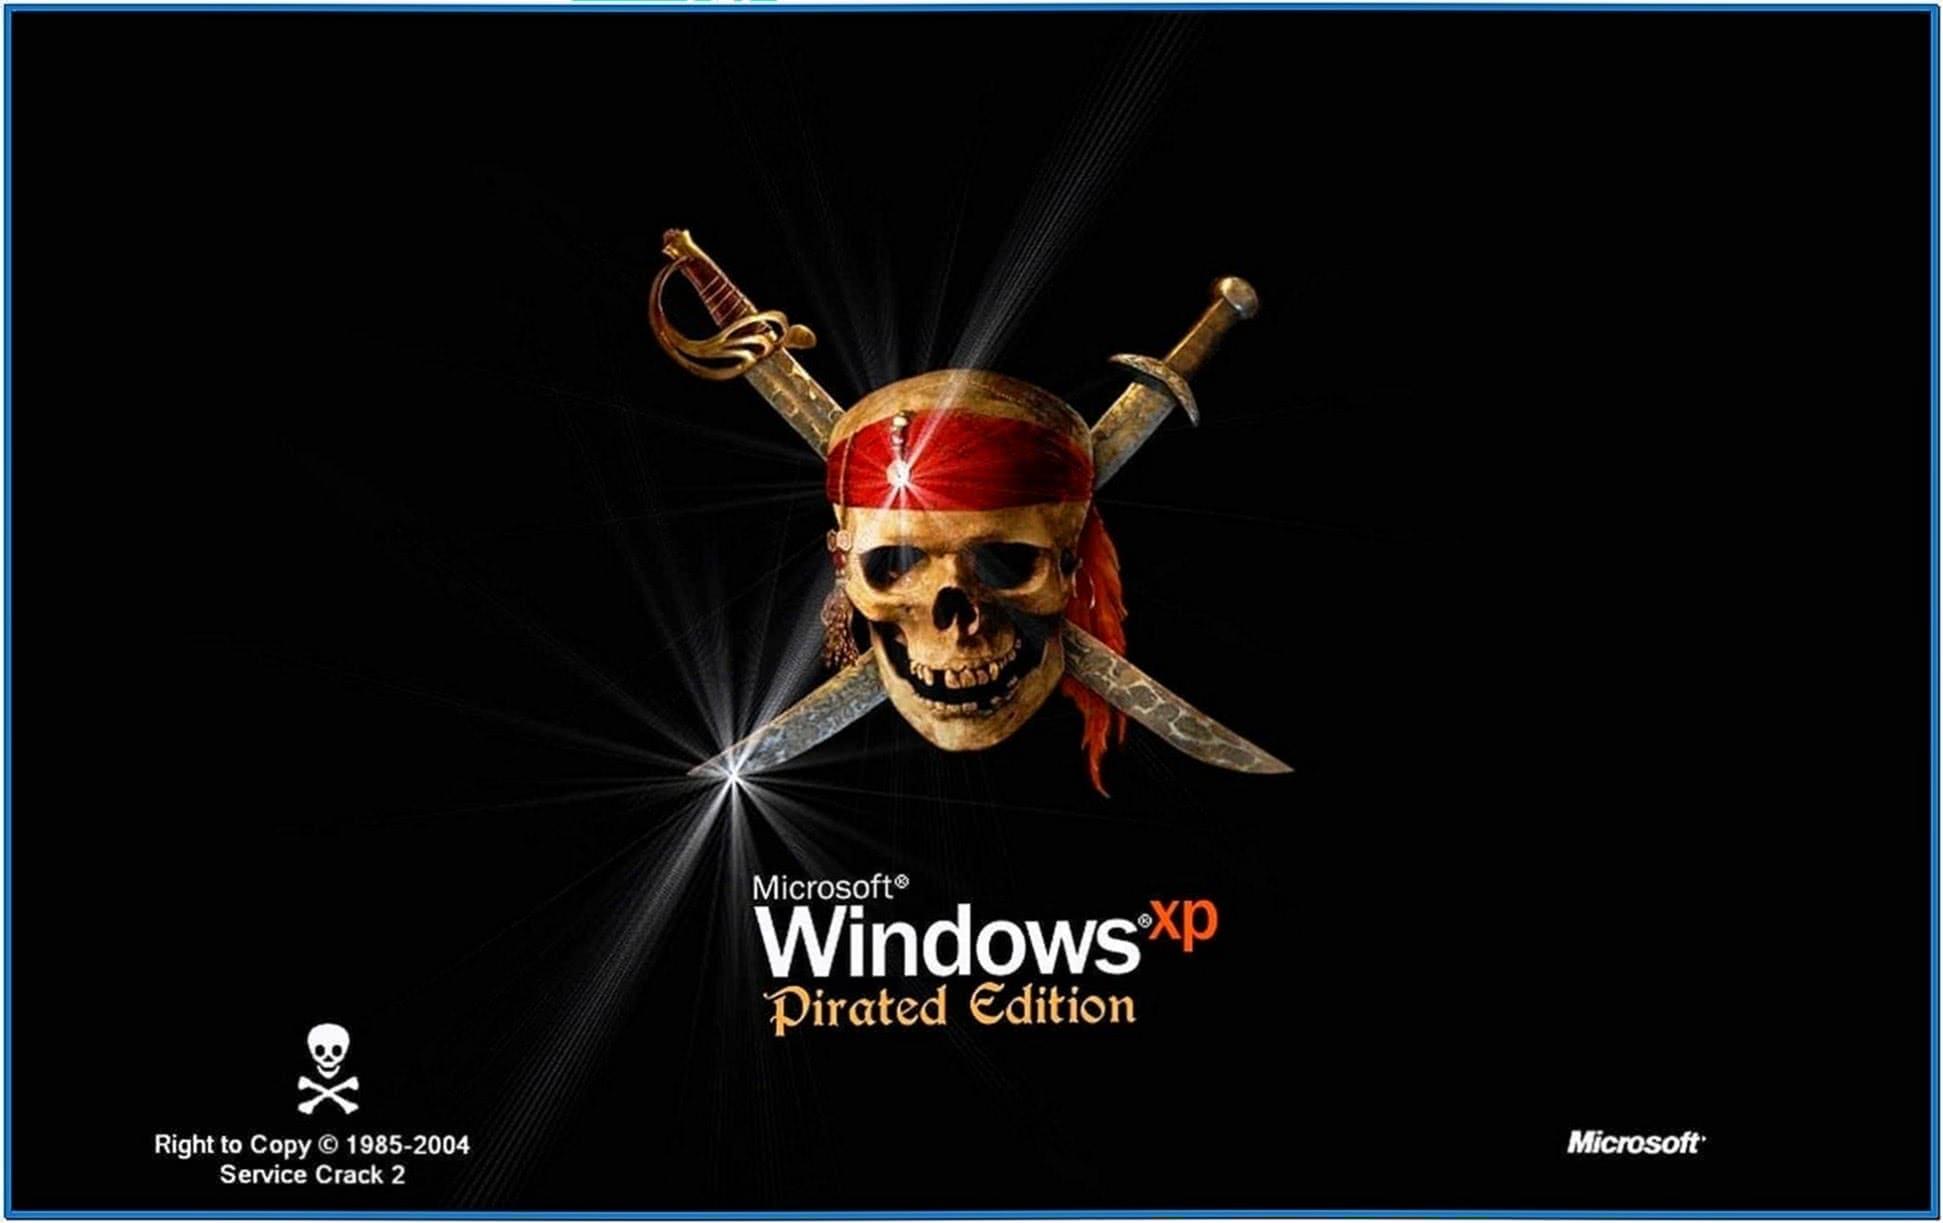 Пиратская версия ред 2 смотреть.